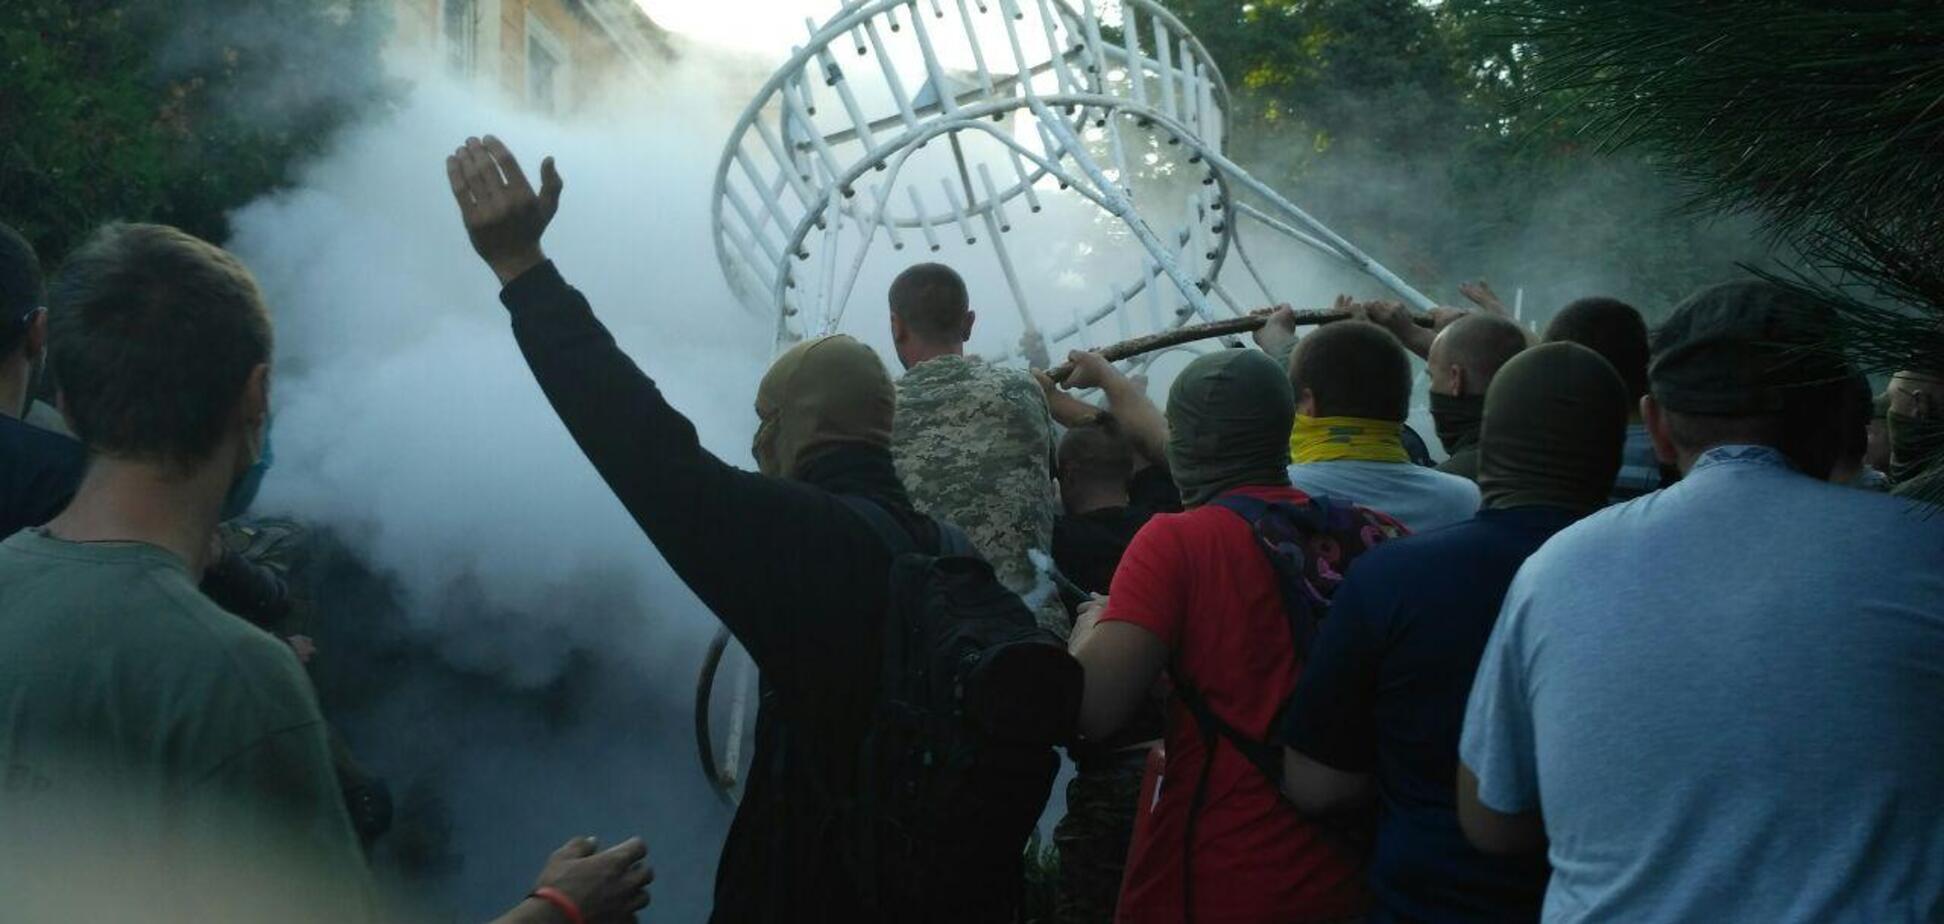 'Евакуювали' консула РФ: в Одесі сталися заворушення після рішення суду у справі 2 травня